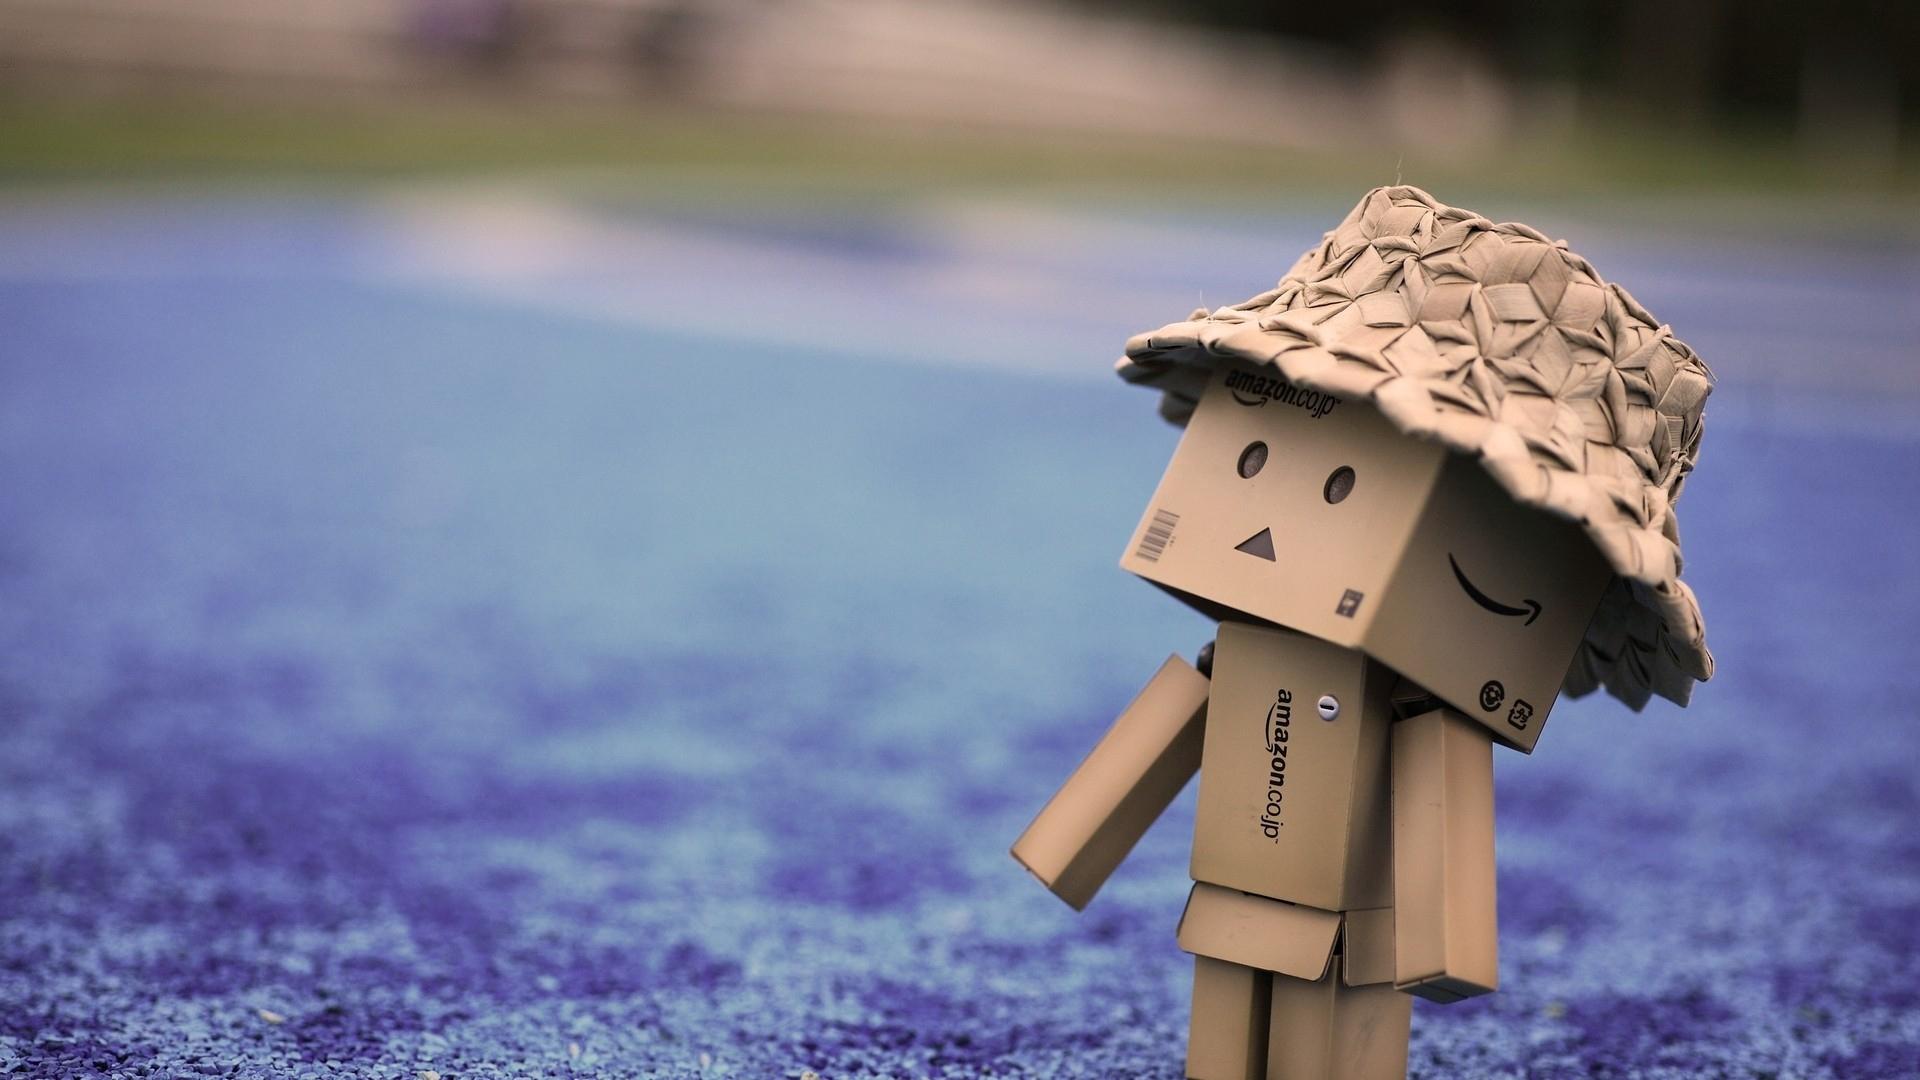 Hình ảnh người gỗ đội mũ trông rất cute